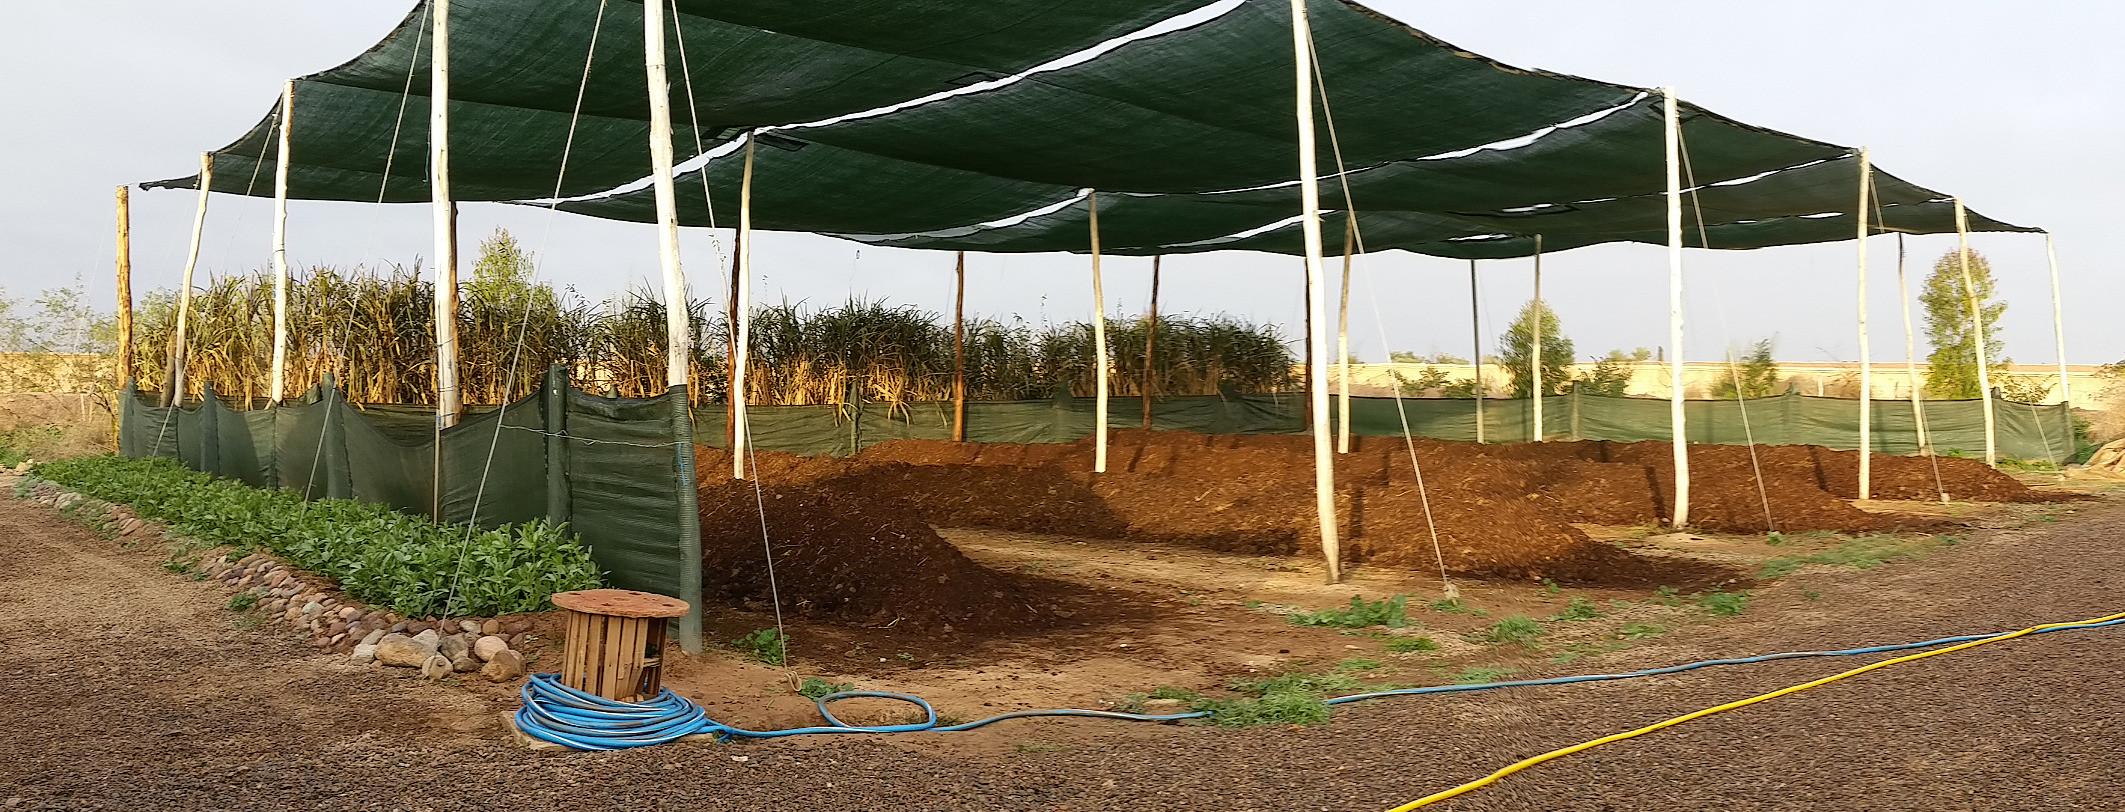 Zone de précompostage sous ombrière, avec phytoépuration par bambous....